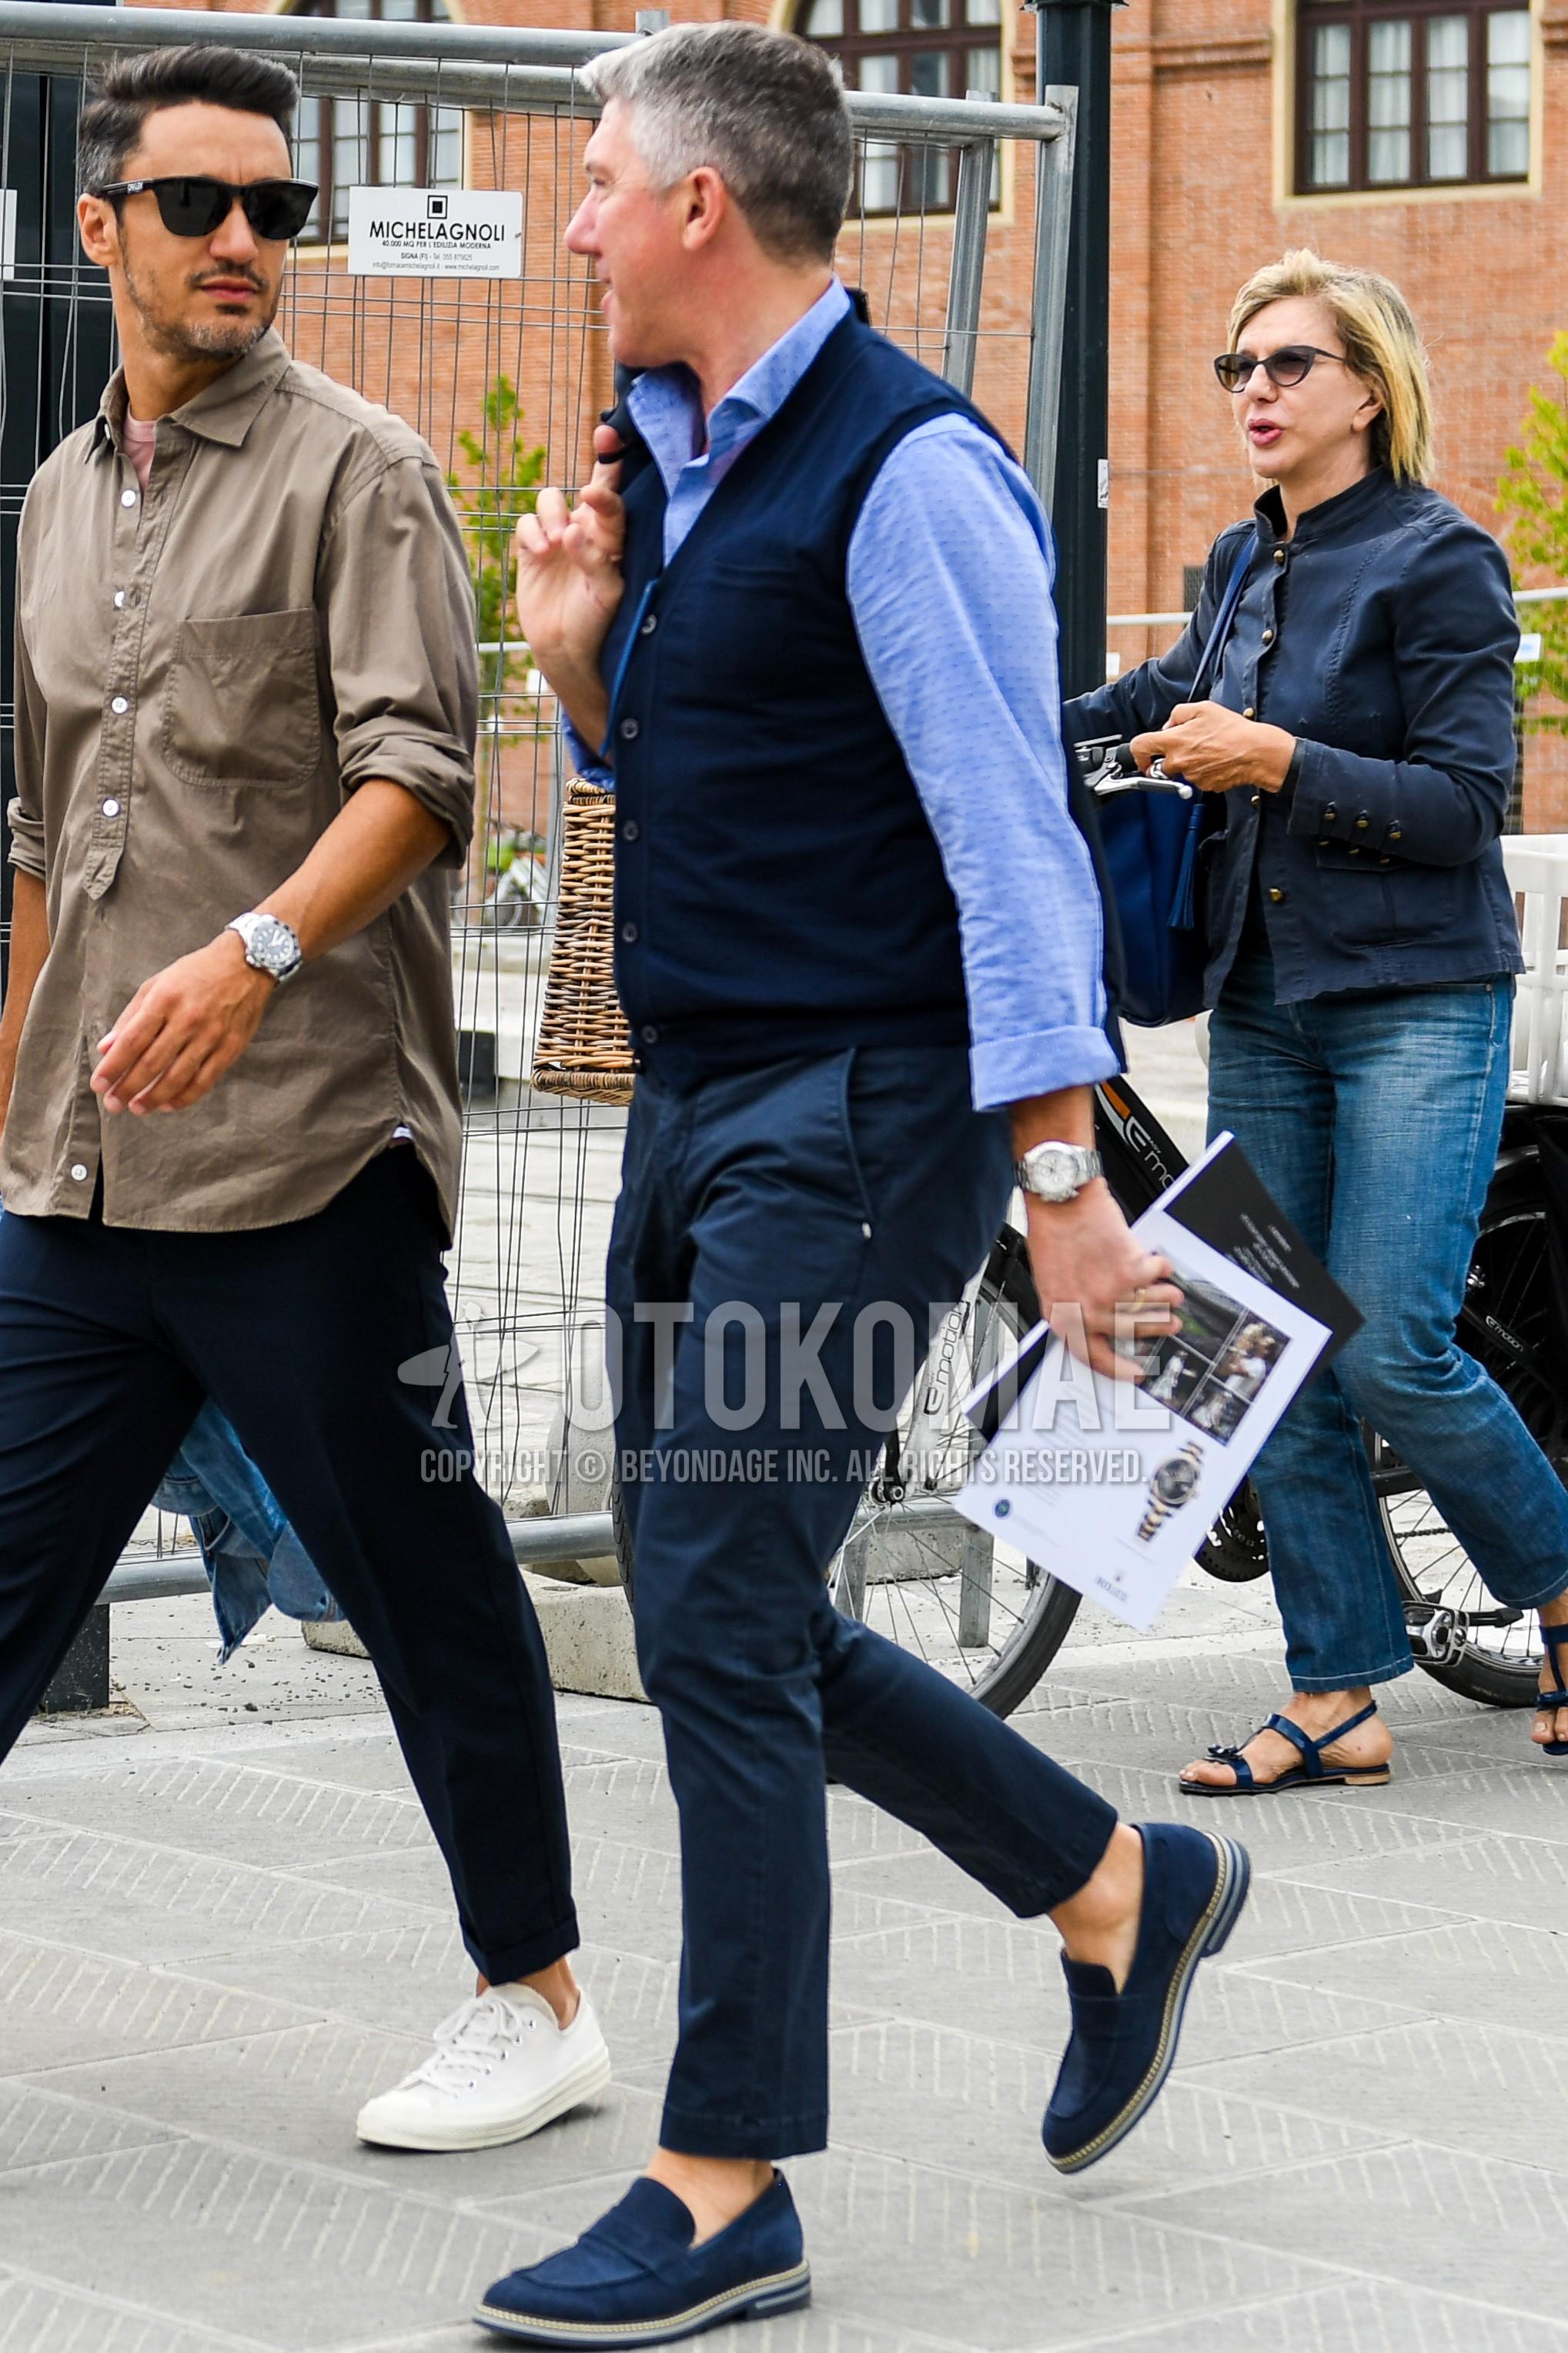 ネイビー無地のジレ、水色無地のシャツ、ネイビー無地のチノパン、ネイビーコインローファーの革靴、スエードシューズの革靴を合わせた春夏秋のメンズコーデ・着こなし。